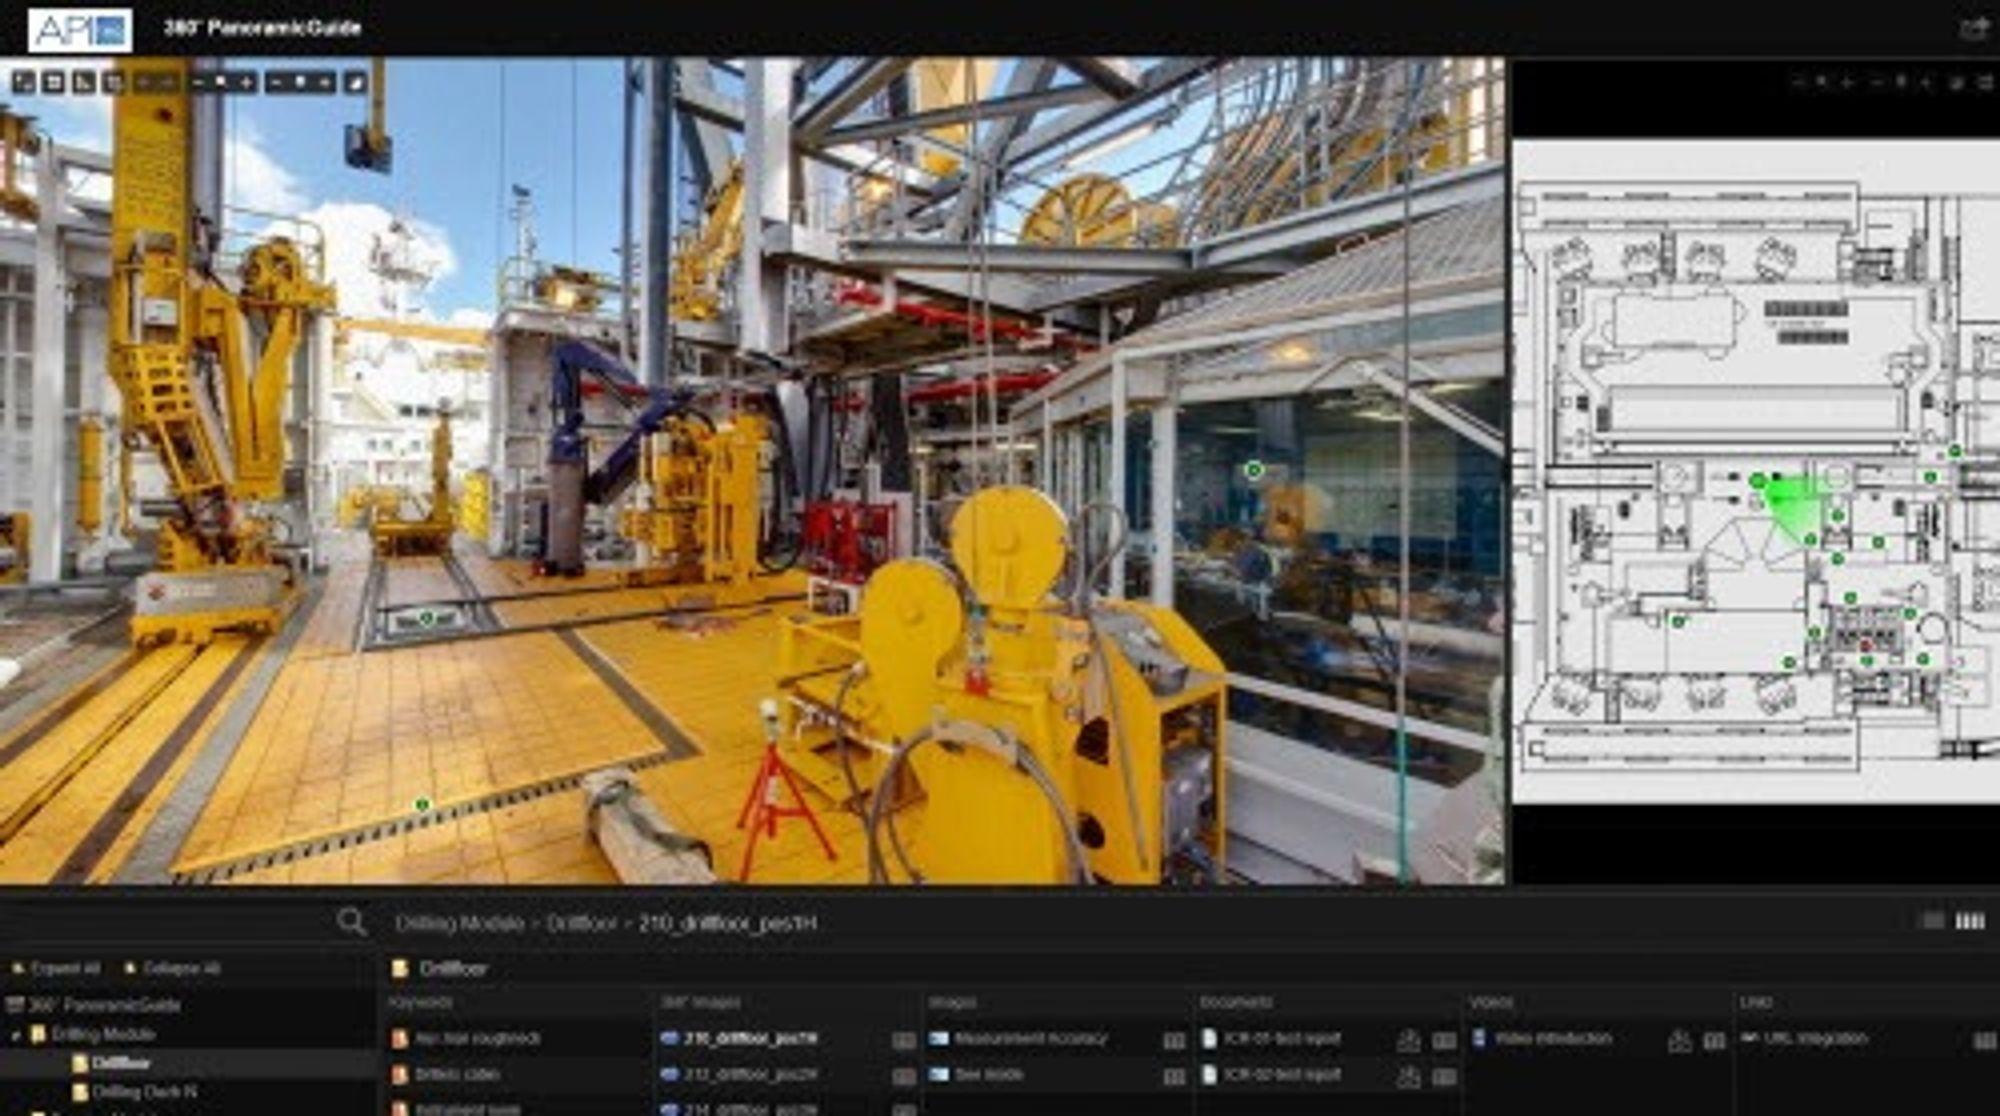 Zoom og mål: Slik ser en skjermdump fra Apiteqs visualiseringsverktøy 360° PanoramicGuide ut. Verktøyet tar utgangspunkt i 100 megapixel 360 graders fotografier, hvor du blant annet kan zoome inn på tagnummer på enkeltkomponenter, og måle avstanden mellom to punkter.